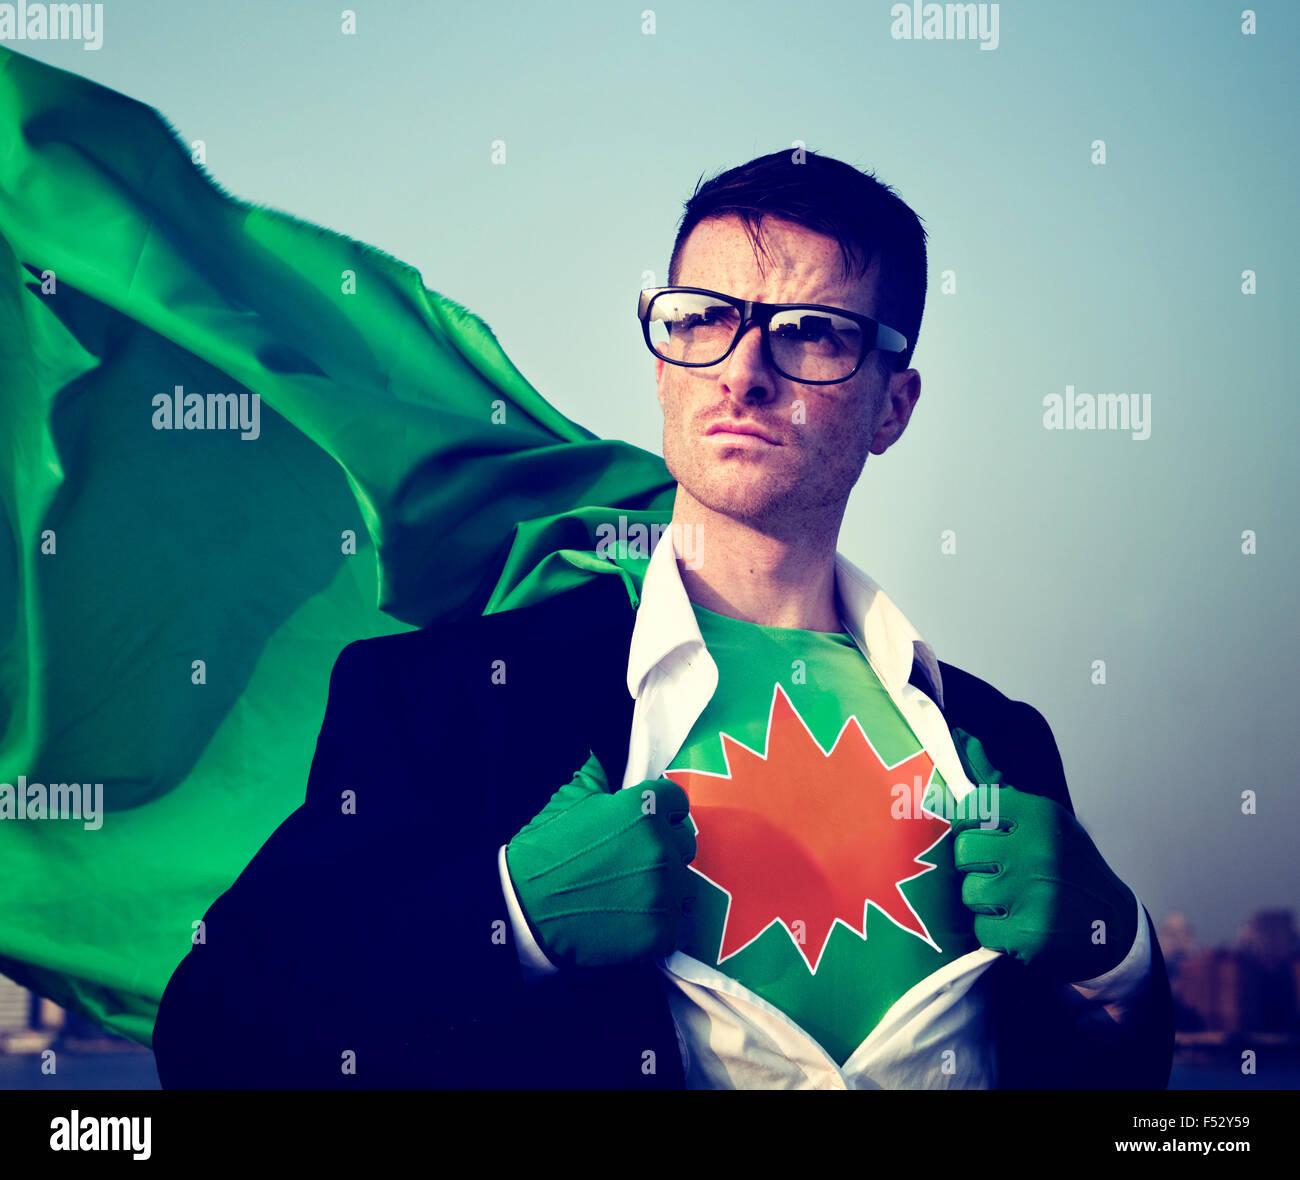 Forte du succès du super-héros Kaboom l'habilitation professionnelle Concept Stock Photo Stock